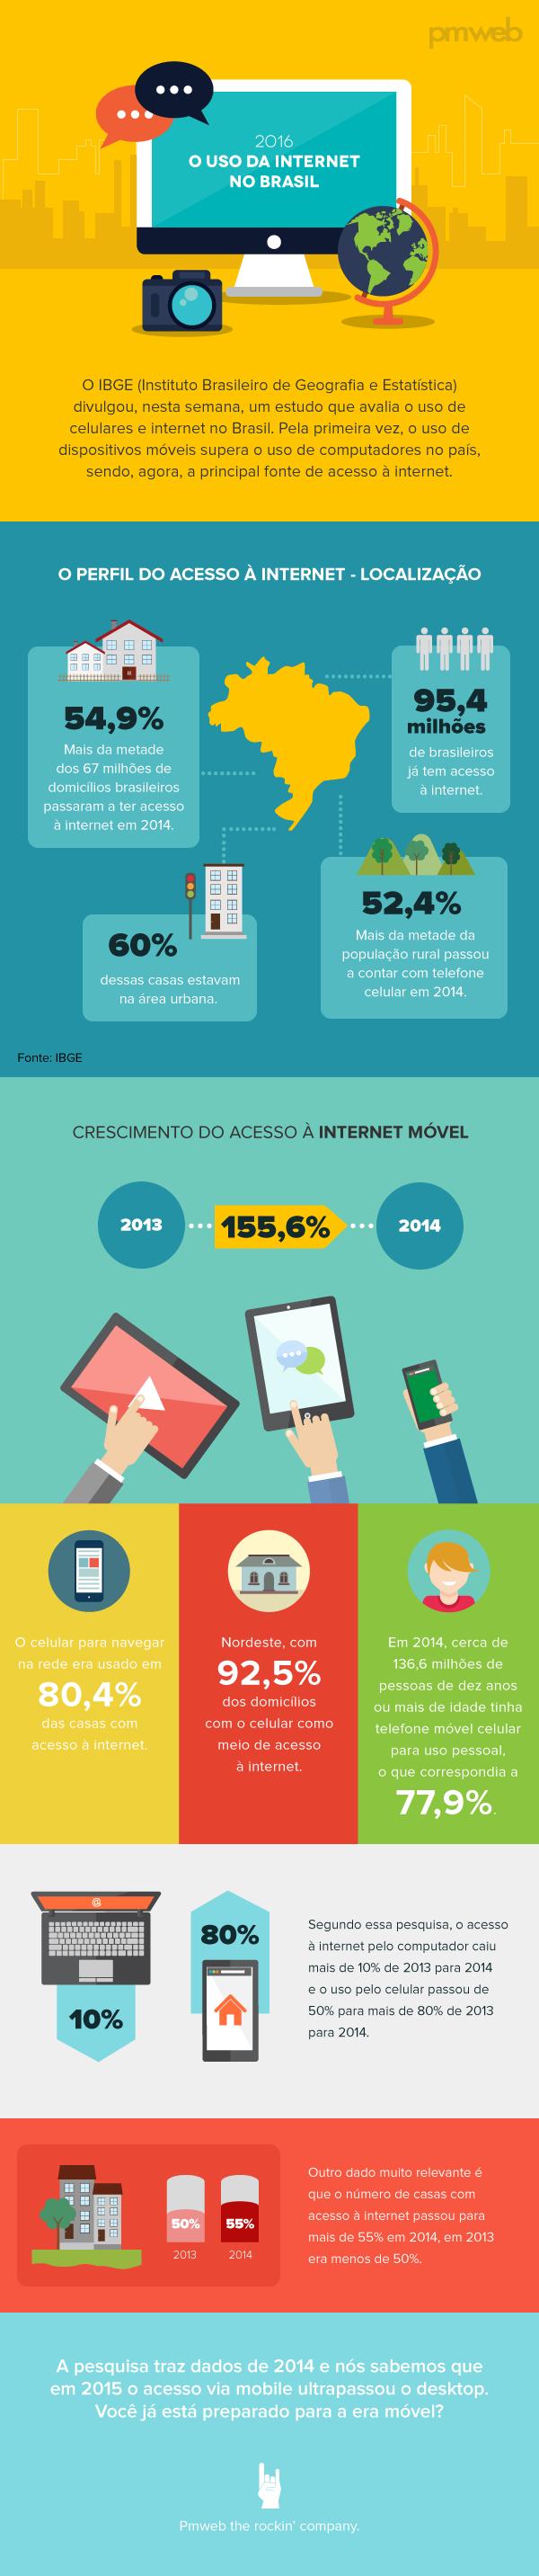 Infográfico - Internet no Brasil